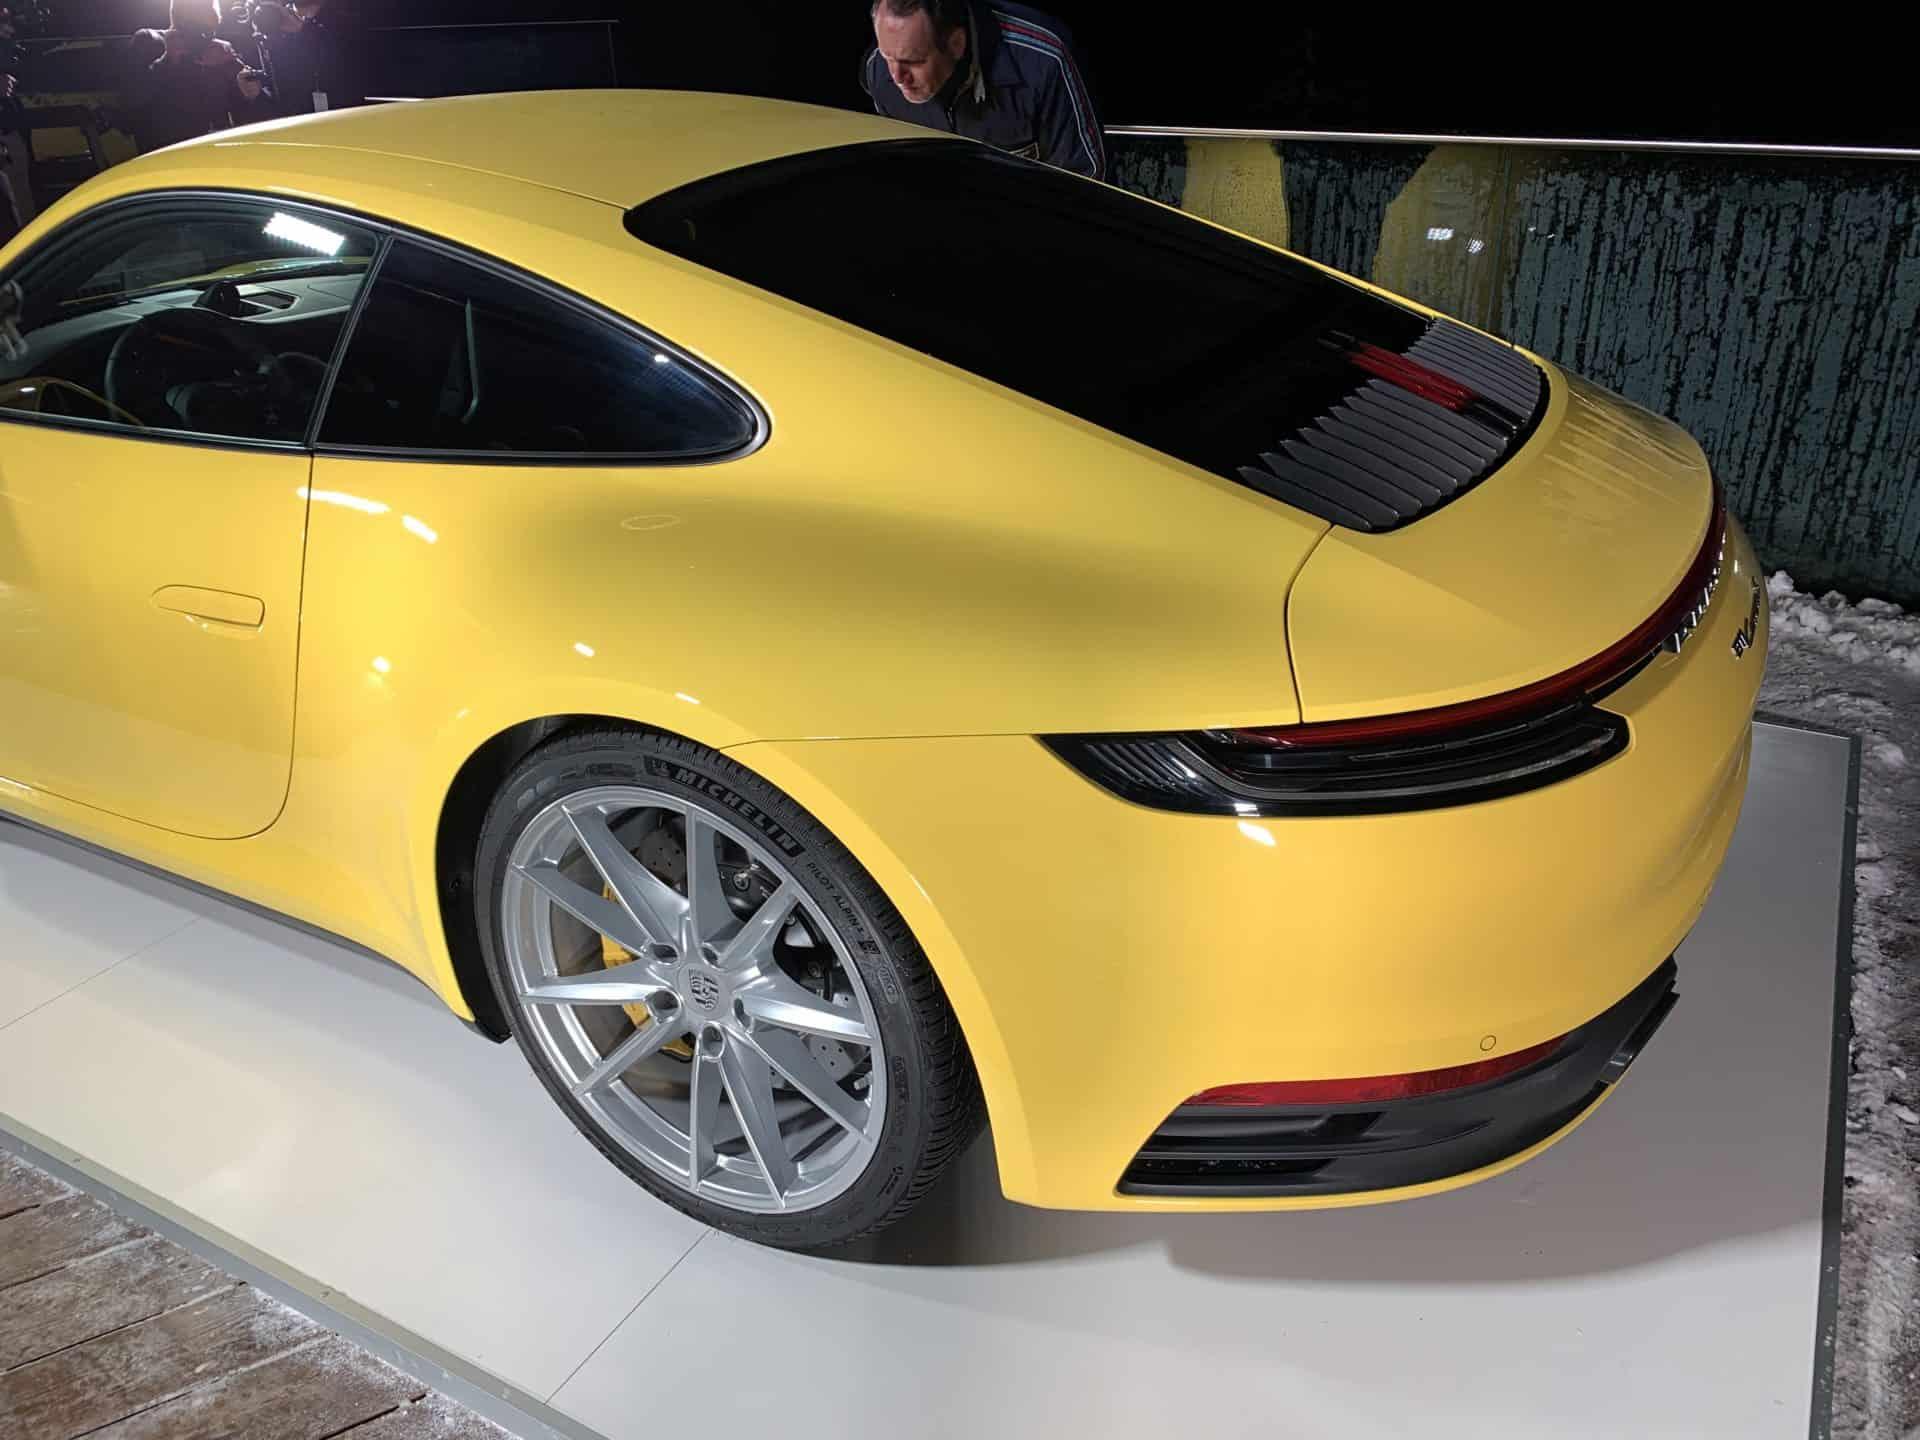 Porsche_911_2019_Modellreihe 992_04